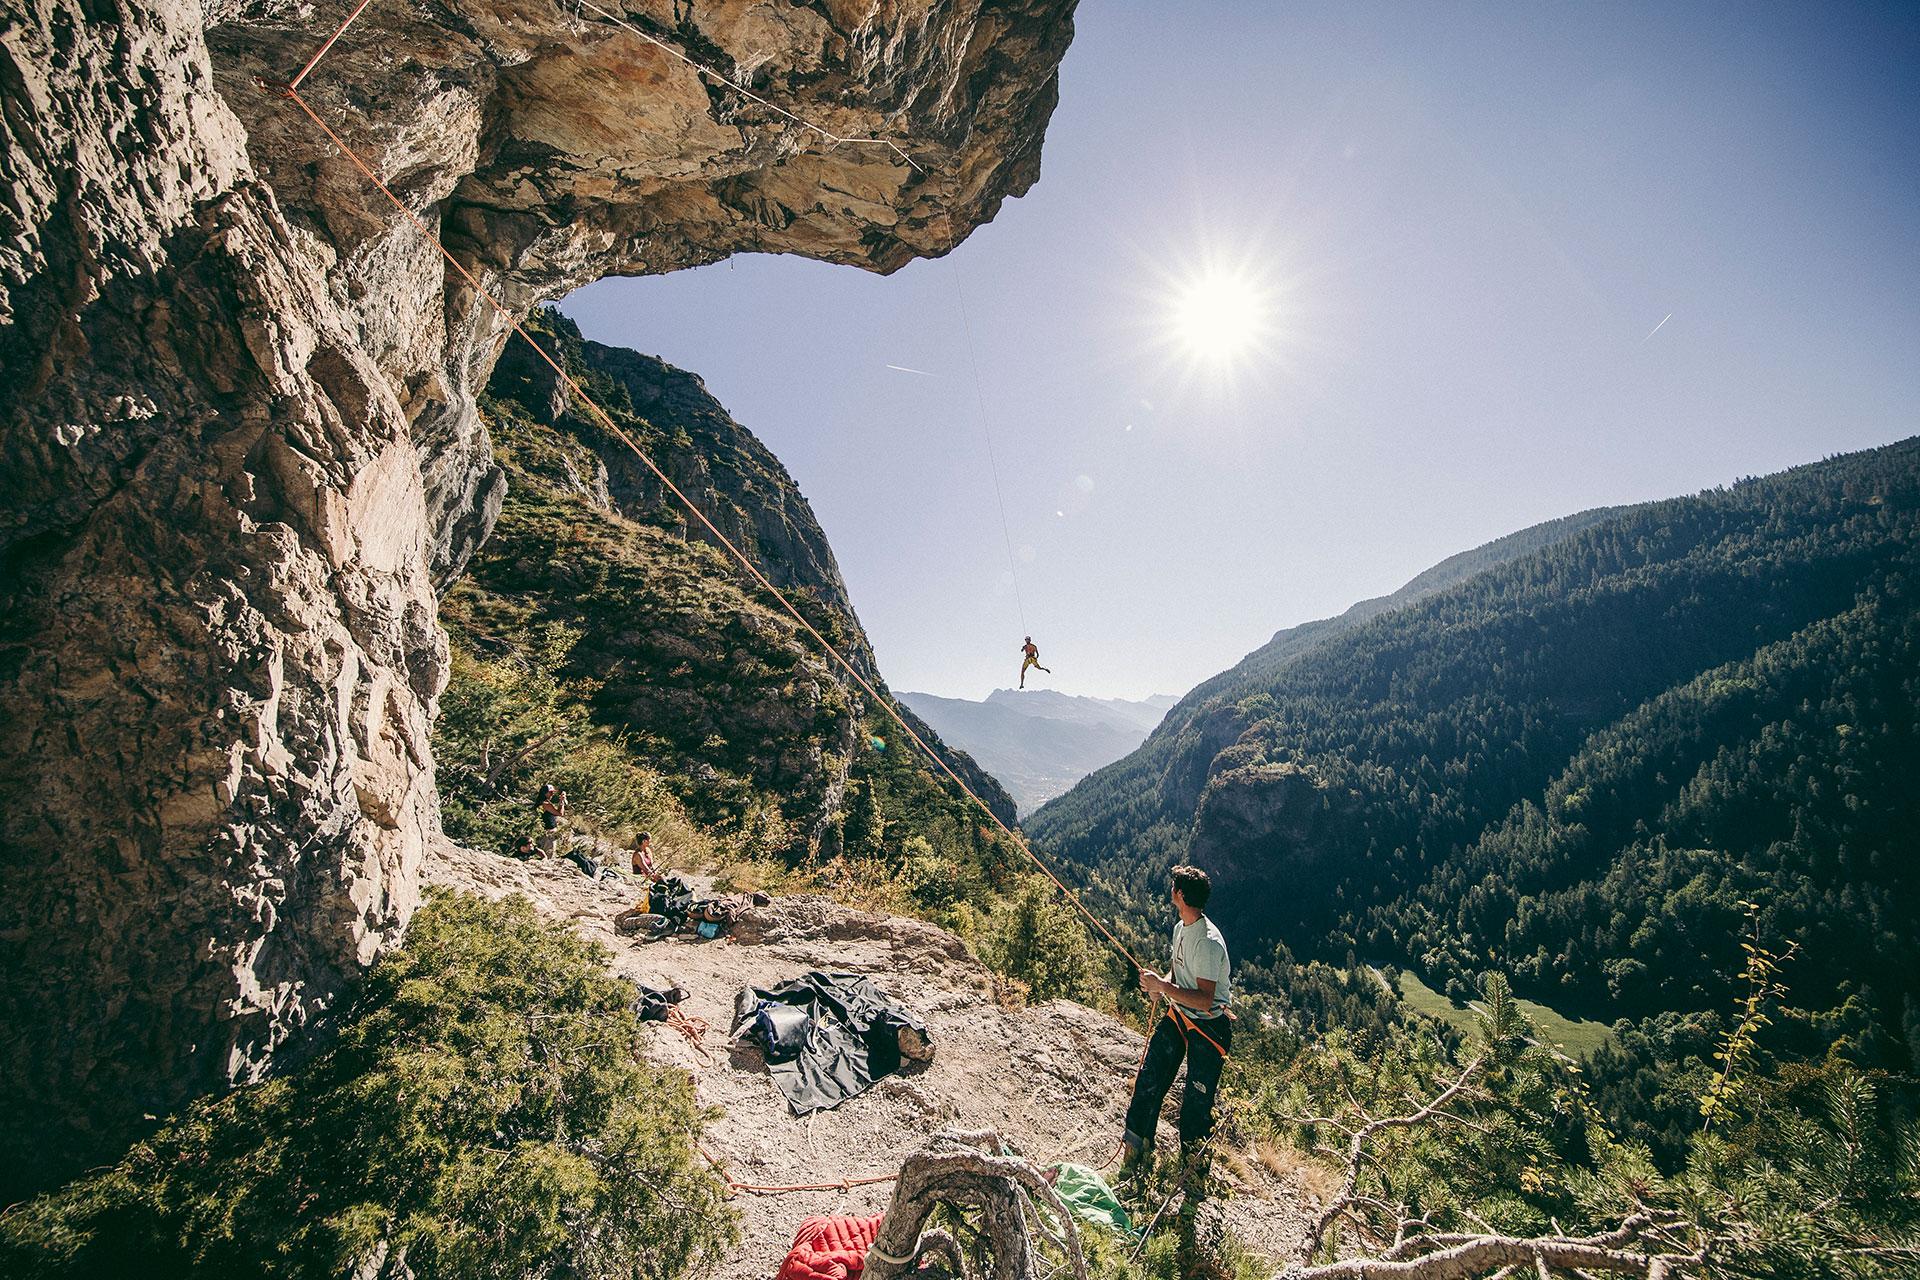 Landschaft Natur Panorama Klettern Sport Outdoor Berge Stuttgart Fotograf Michael Müller